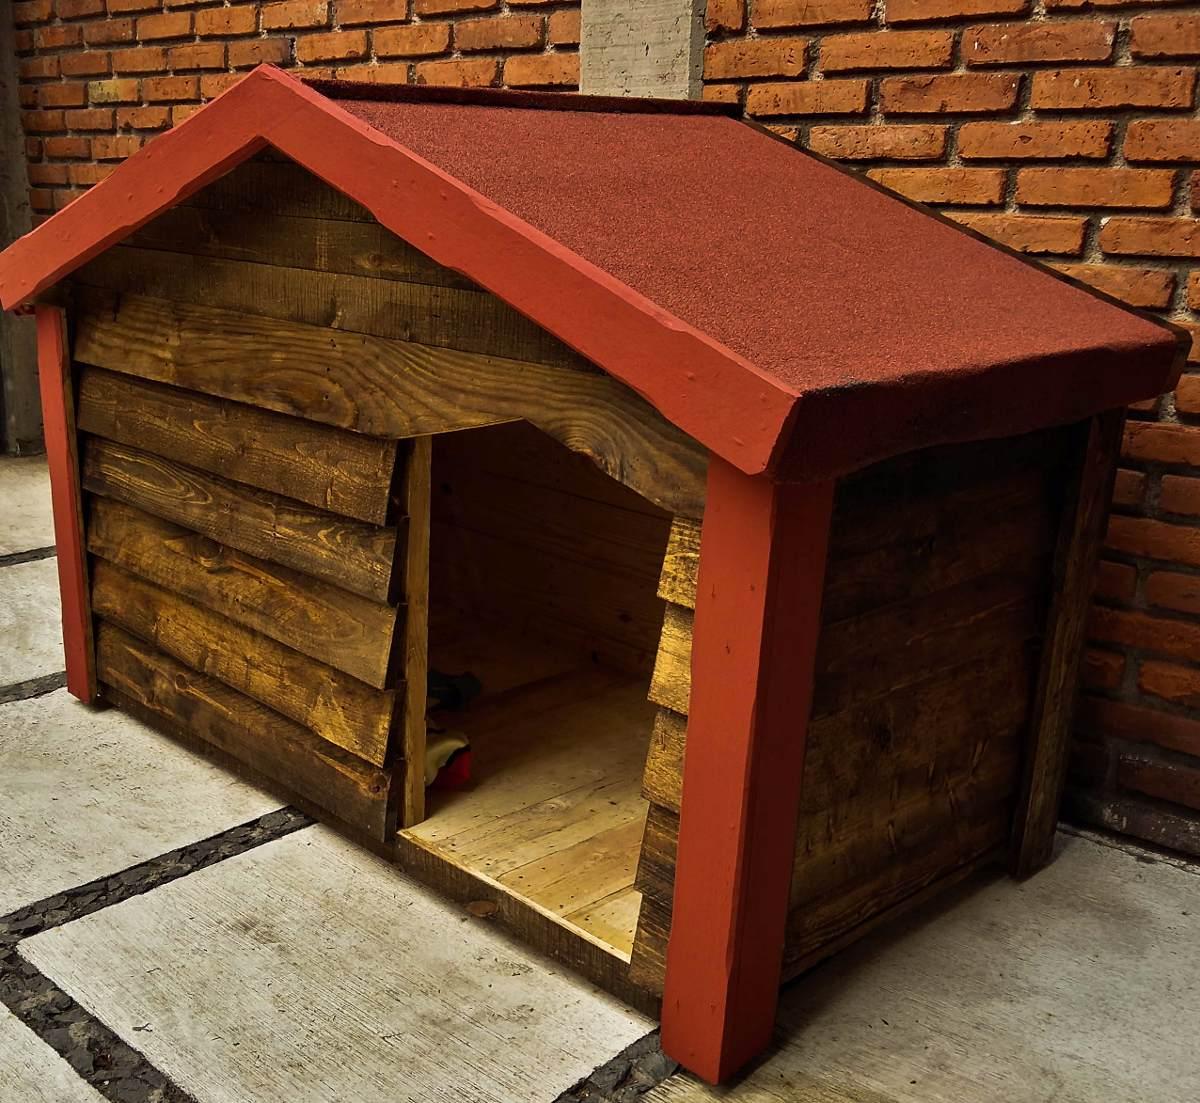 Casa de madera para perro extra grande dogo 3 - Casas para gatos de madera ...